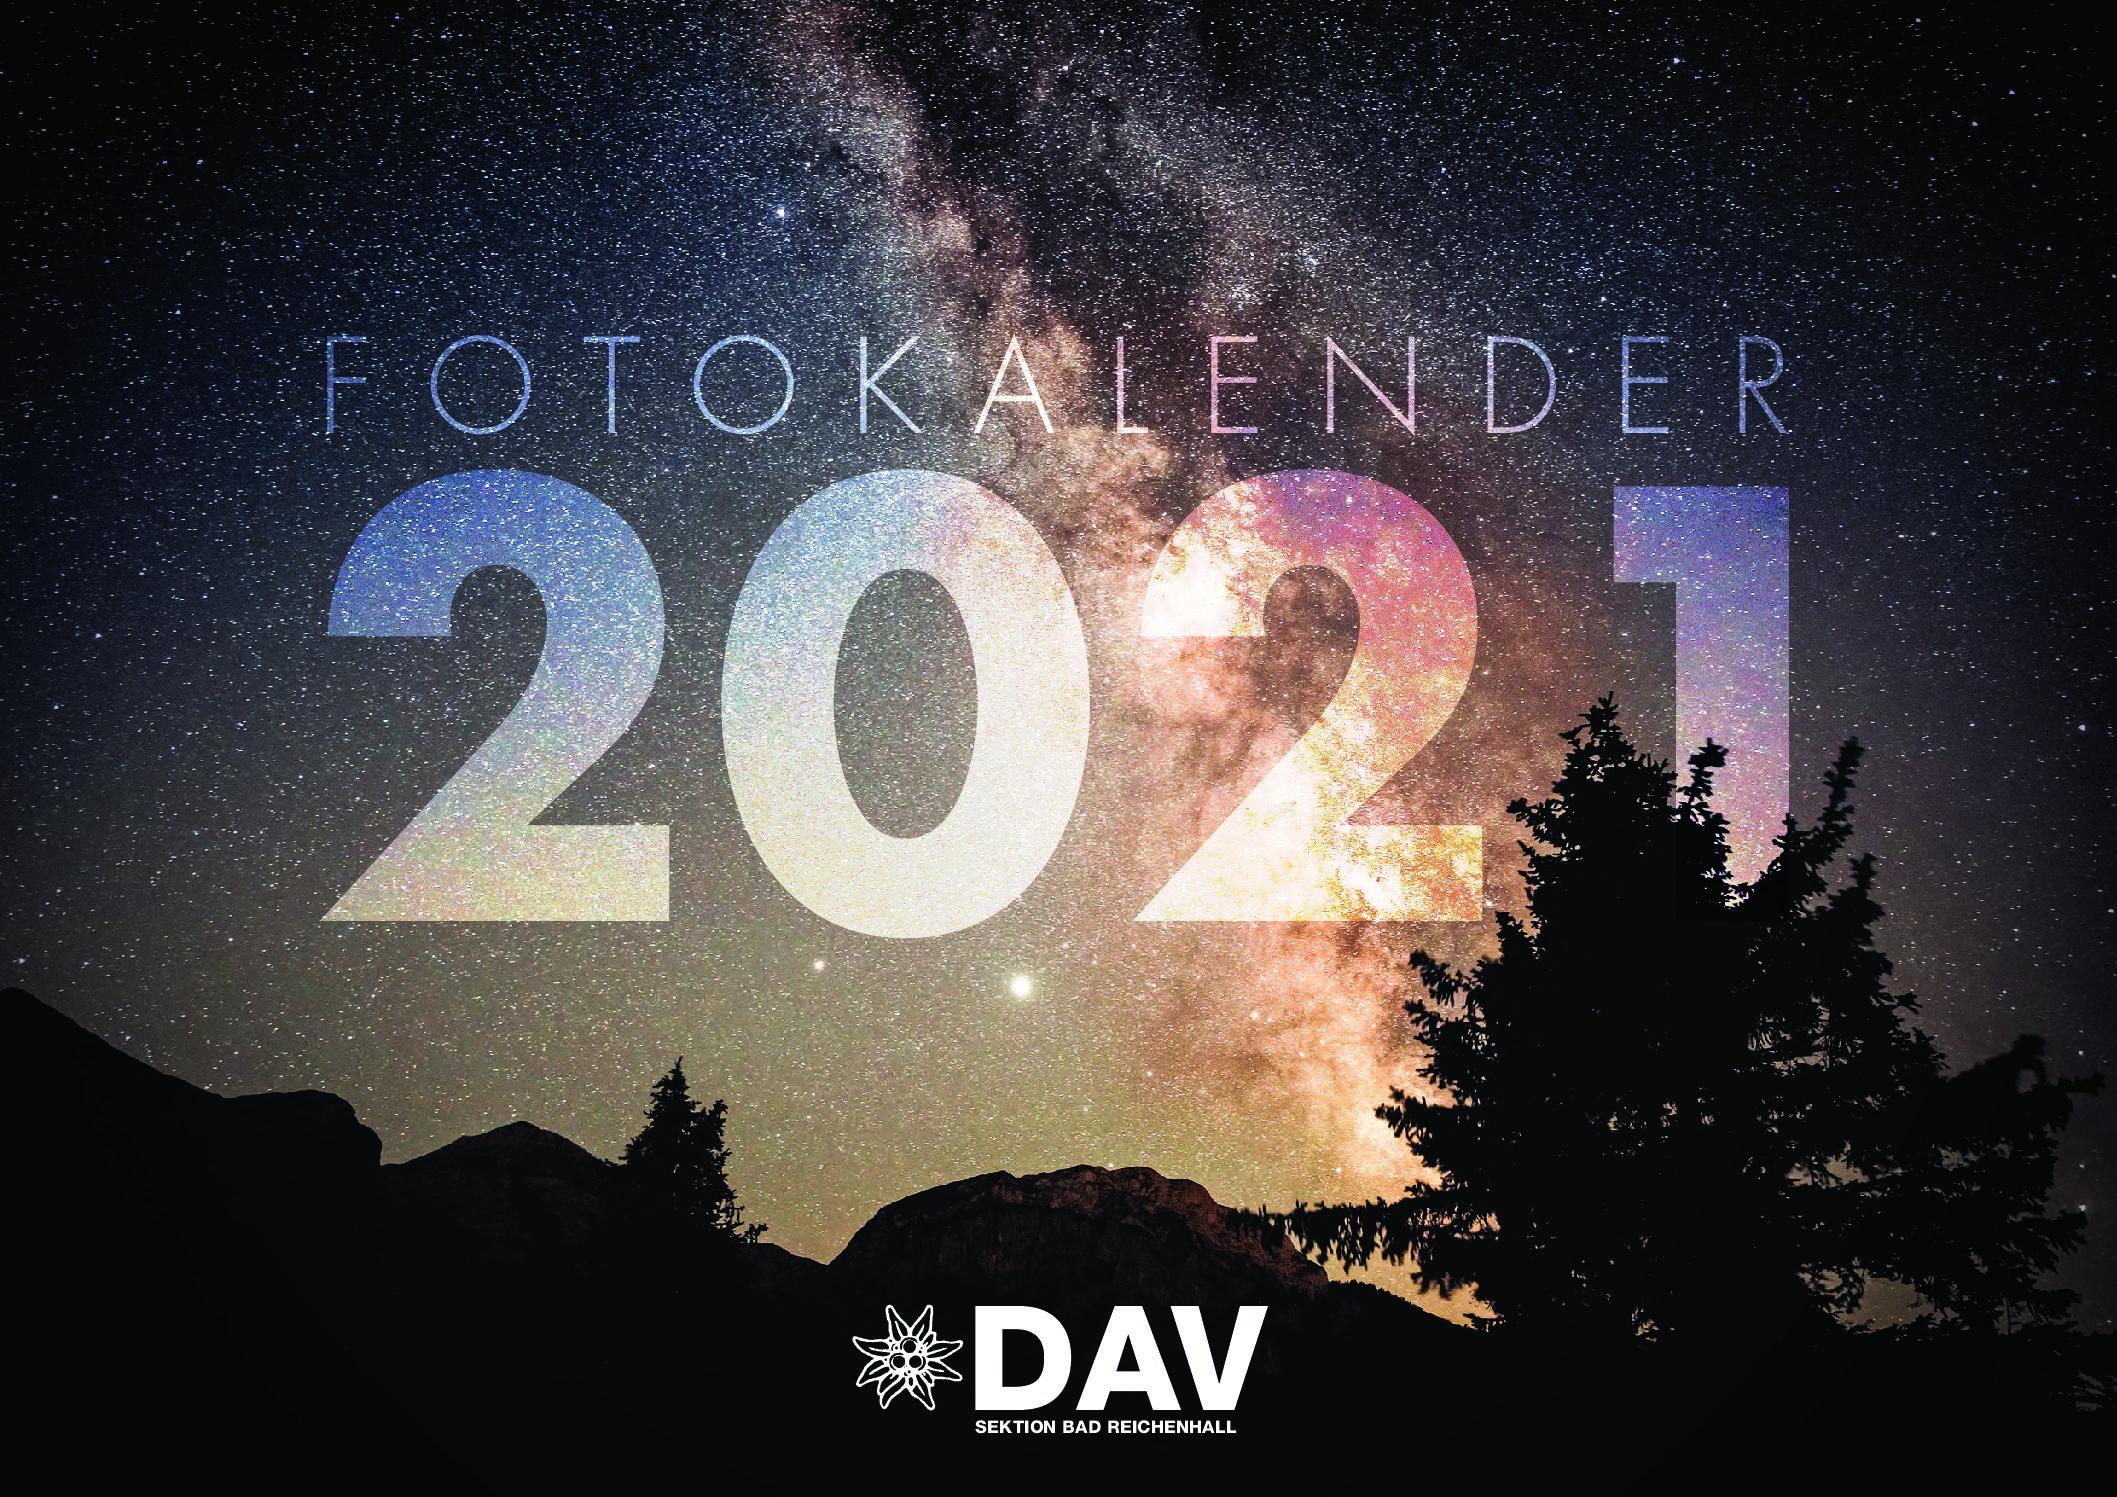 Kalender 2021 der DAV-Sektion Bad Reichenhall